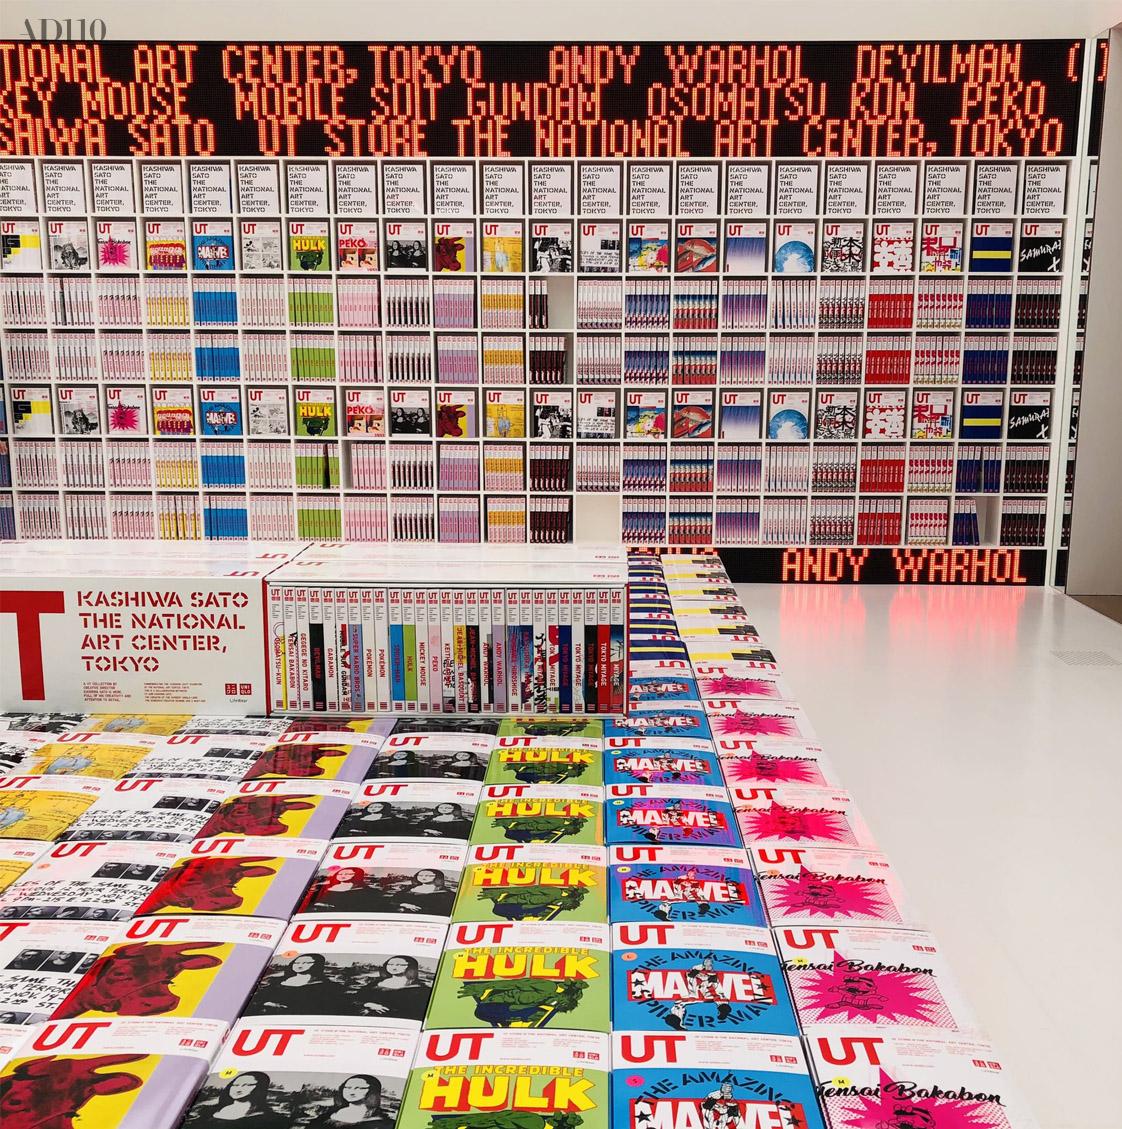 佐藤可士和-野火策划&设计|高端品牌设计工作室